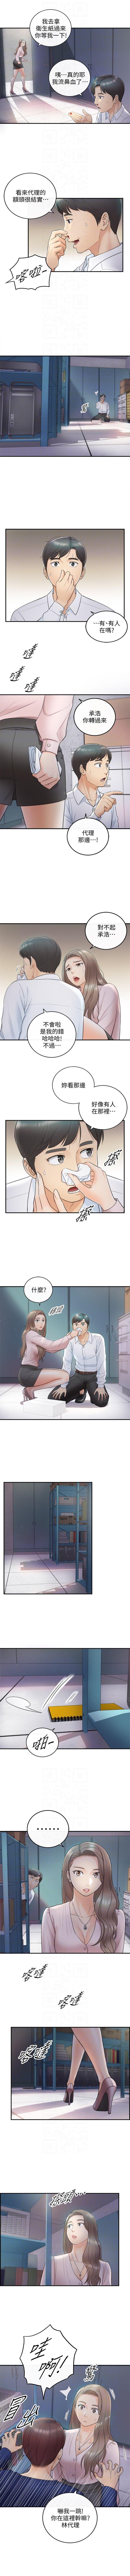 (周5)正妹小主管 1-26 中文翻译(更新中) 72